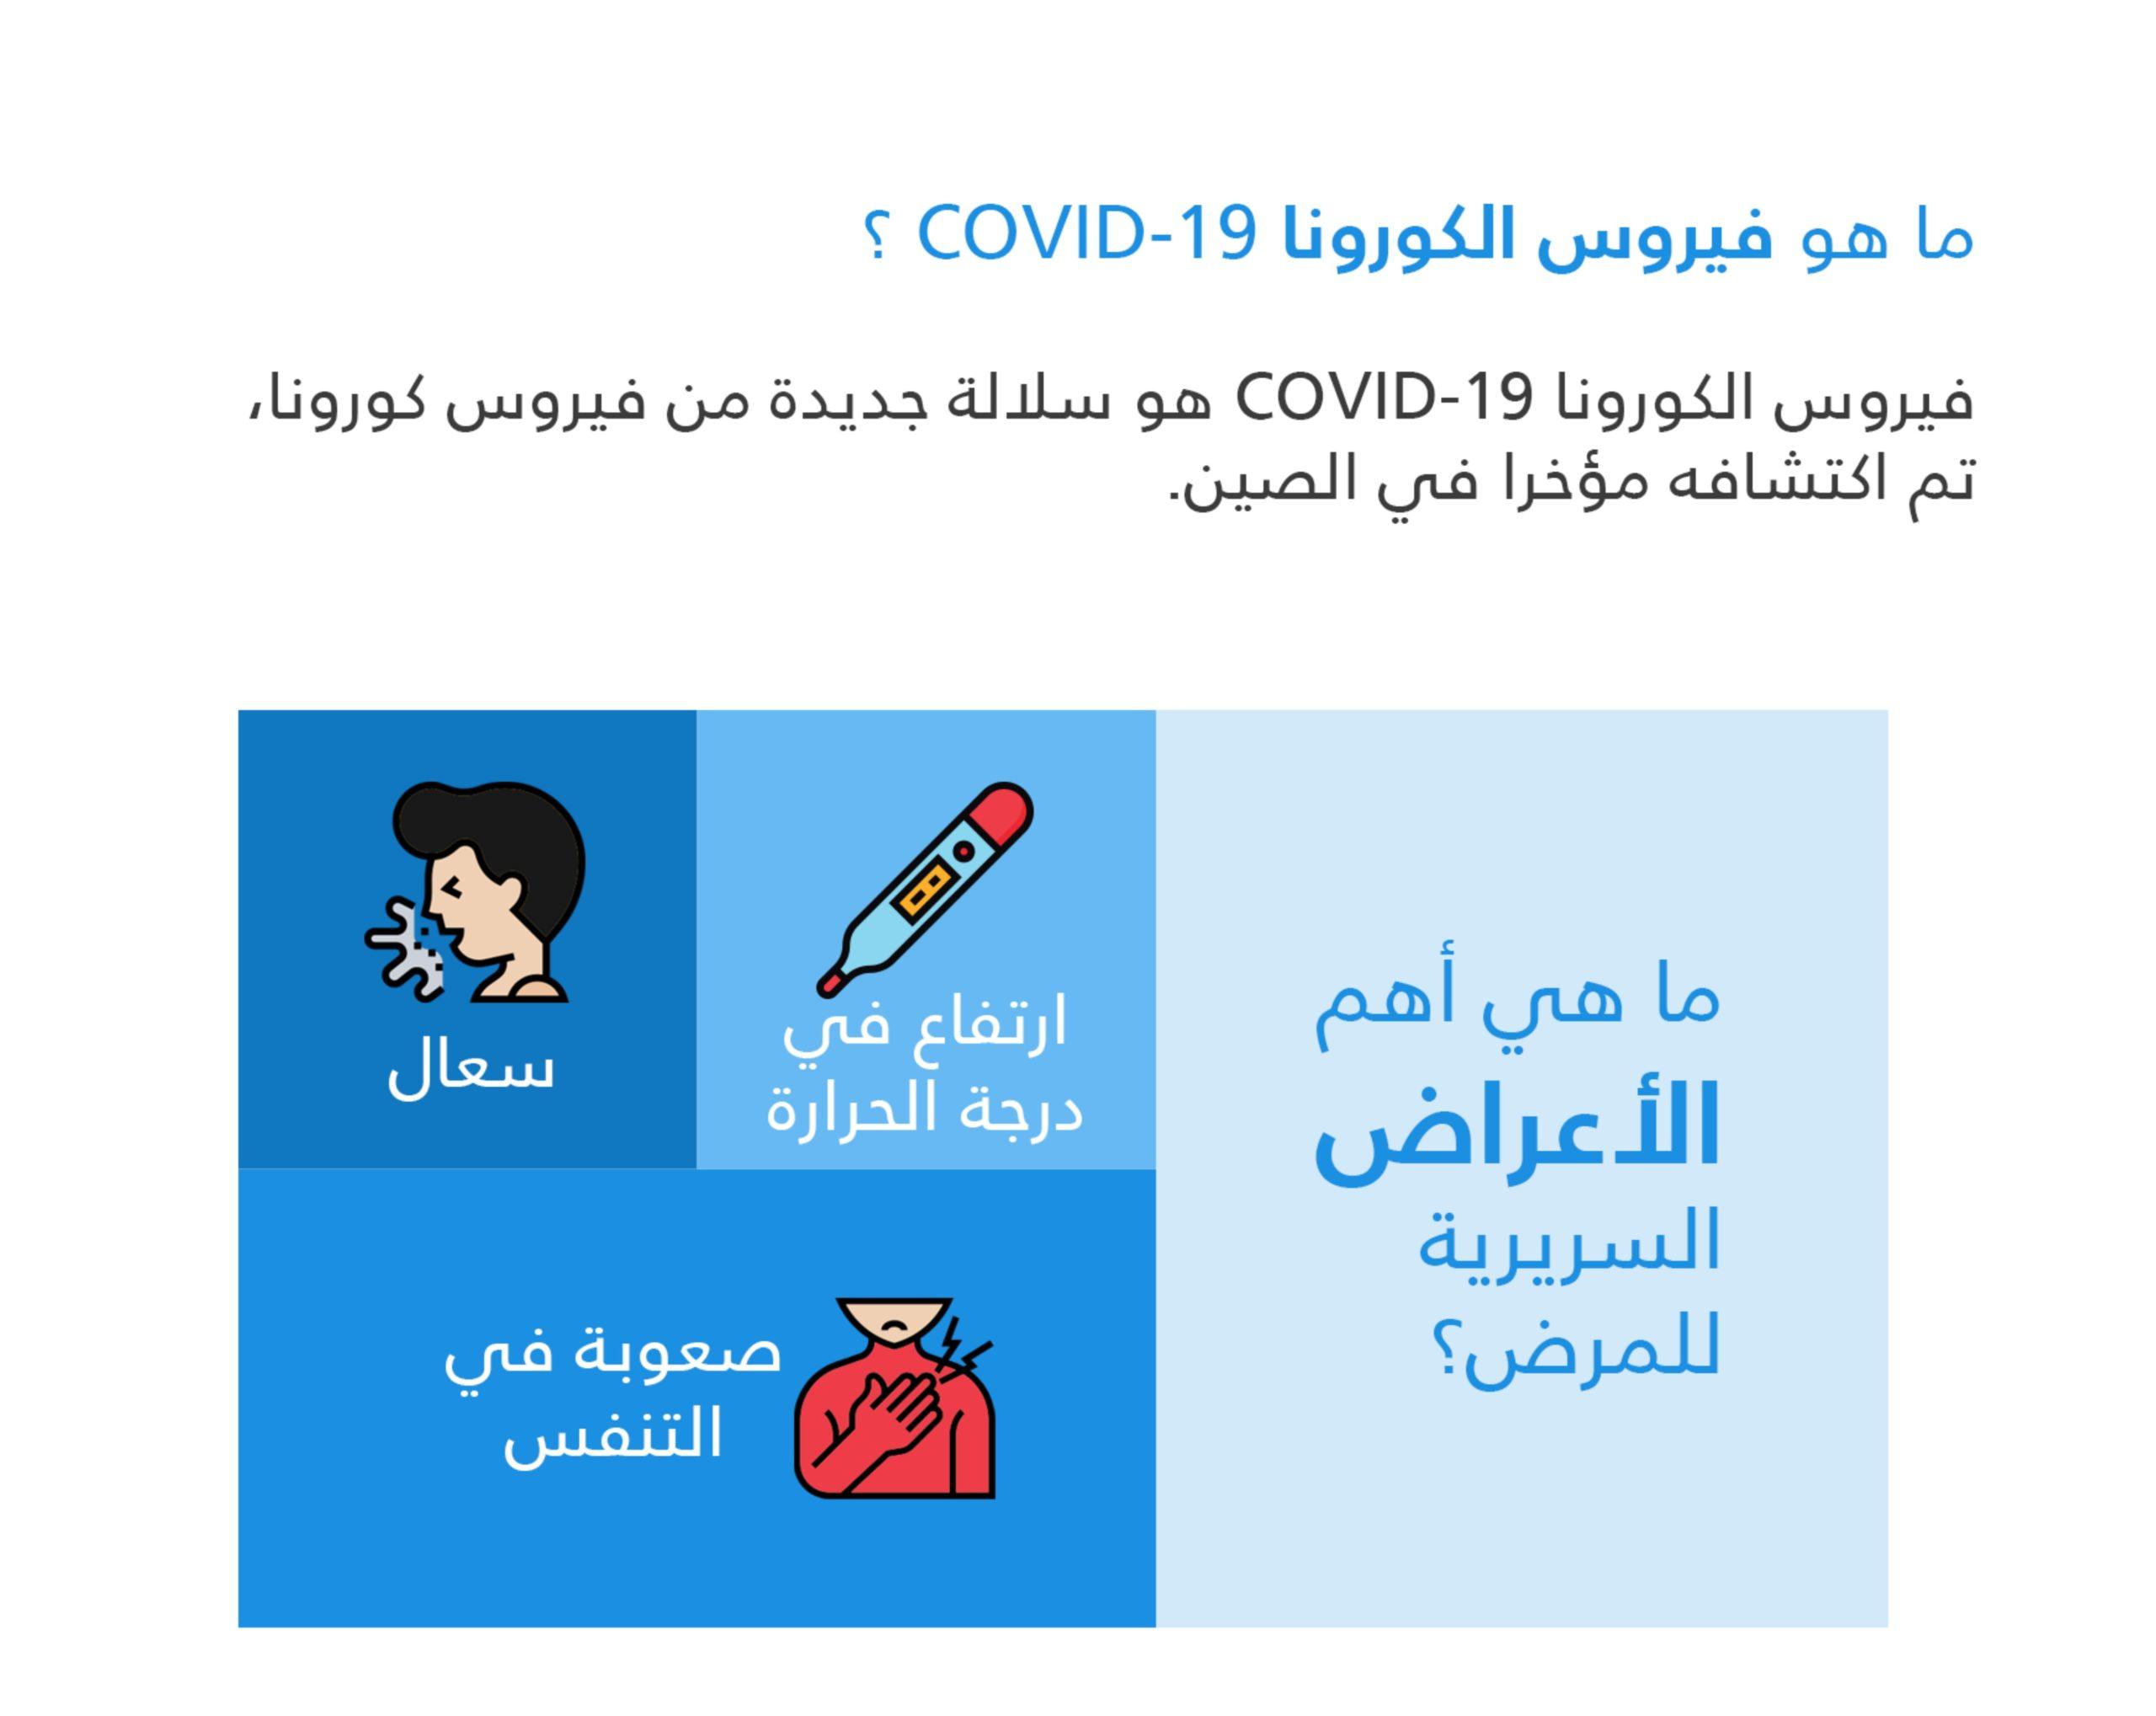 اعراض فيروس الكرونا :ارتفاع ف درجة الحرارة - سعال - صعوبه في التنفس